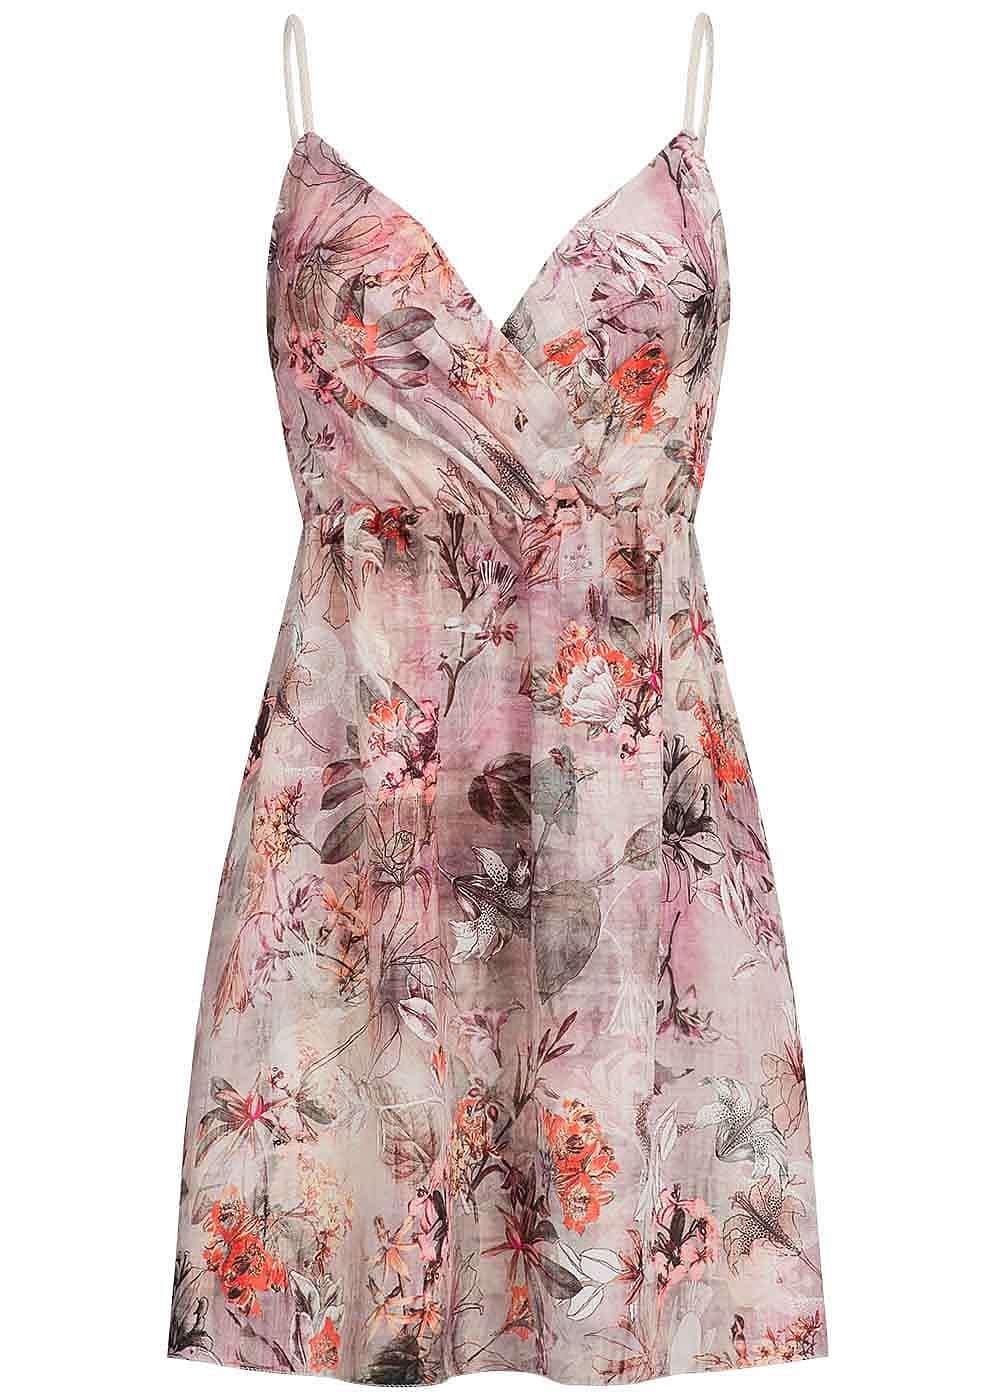 styleboom fashion damen mini kleid kordeltr ger gummizug blumen muster rosa 77onlineshop. Black Bedroom Furniture Sets. Home Design Ideas